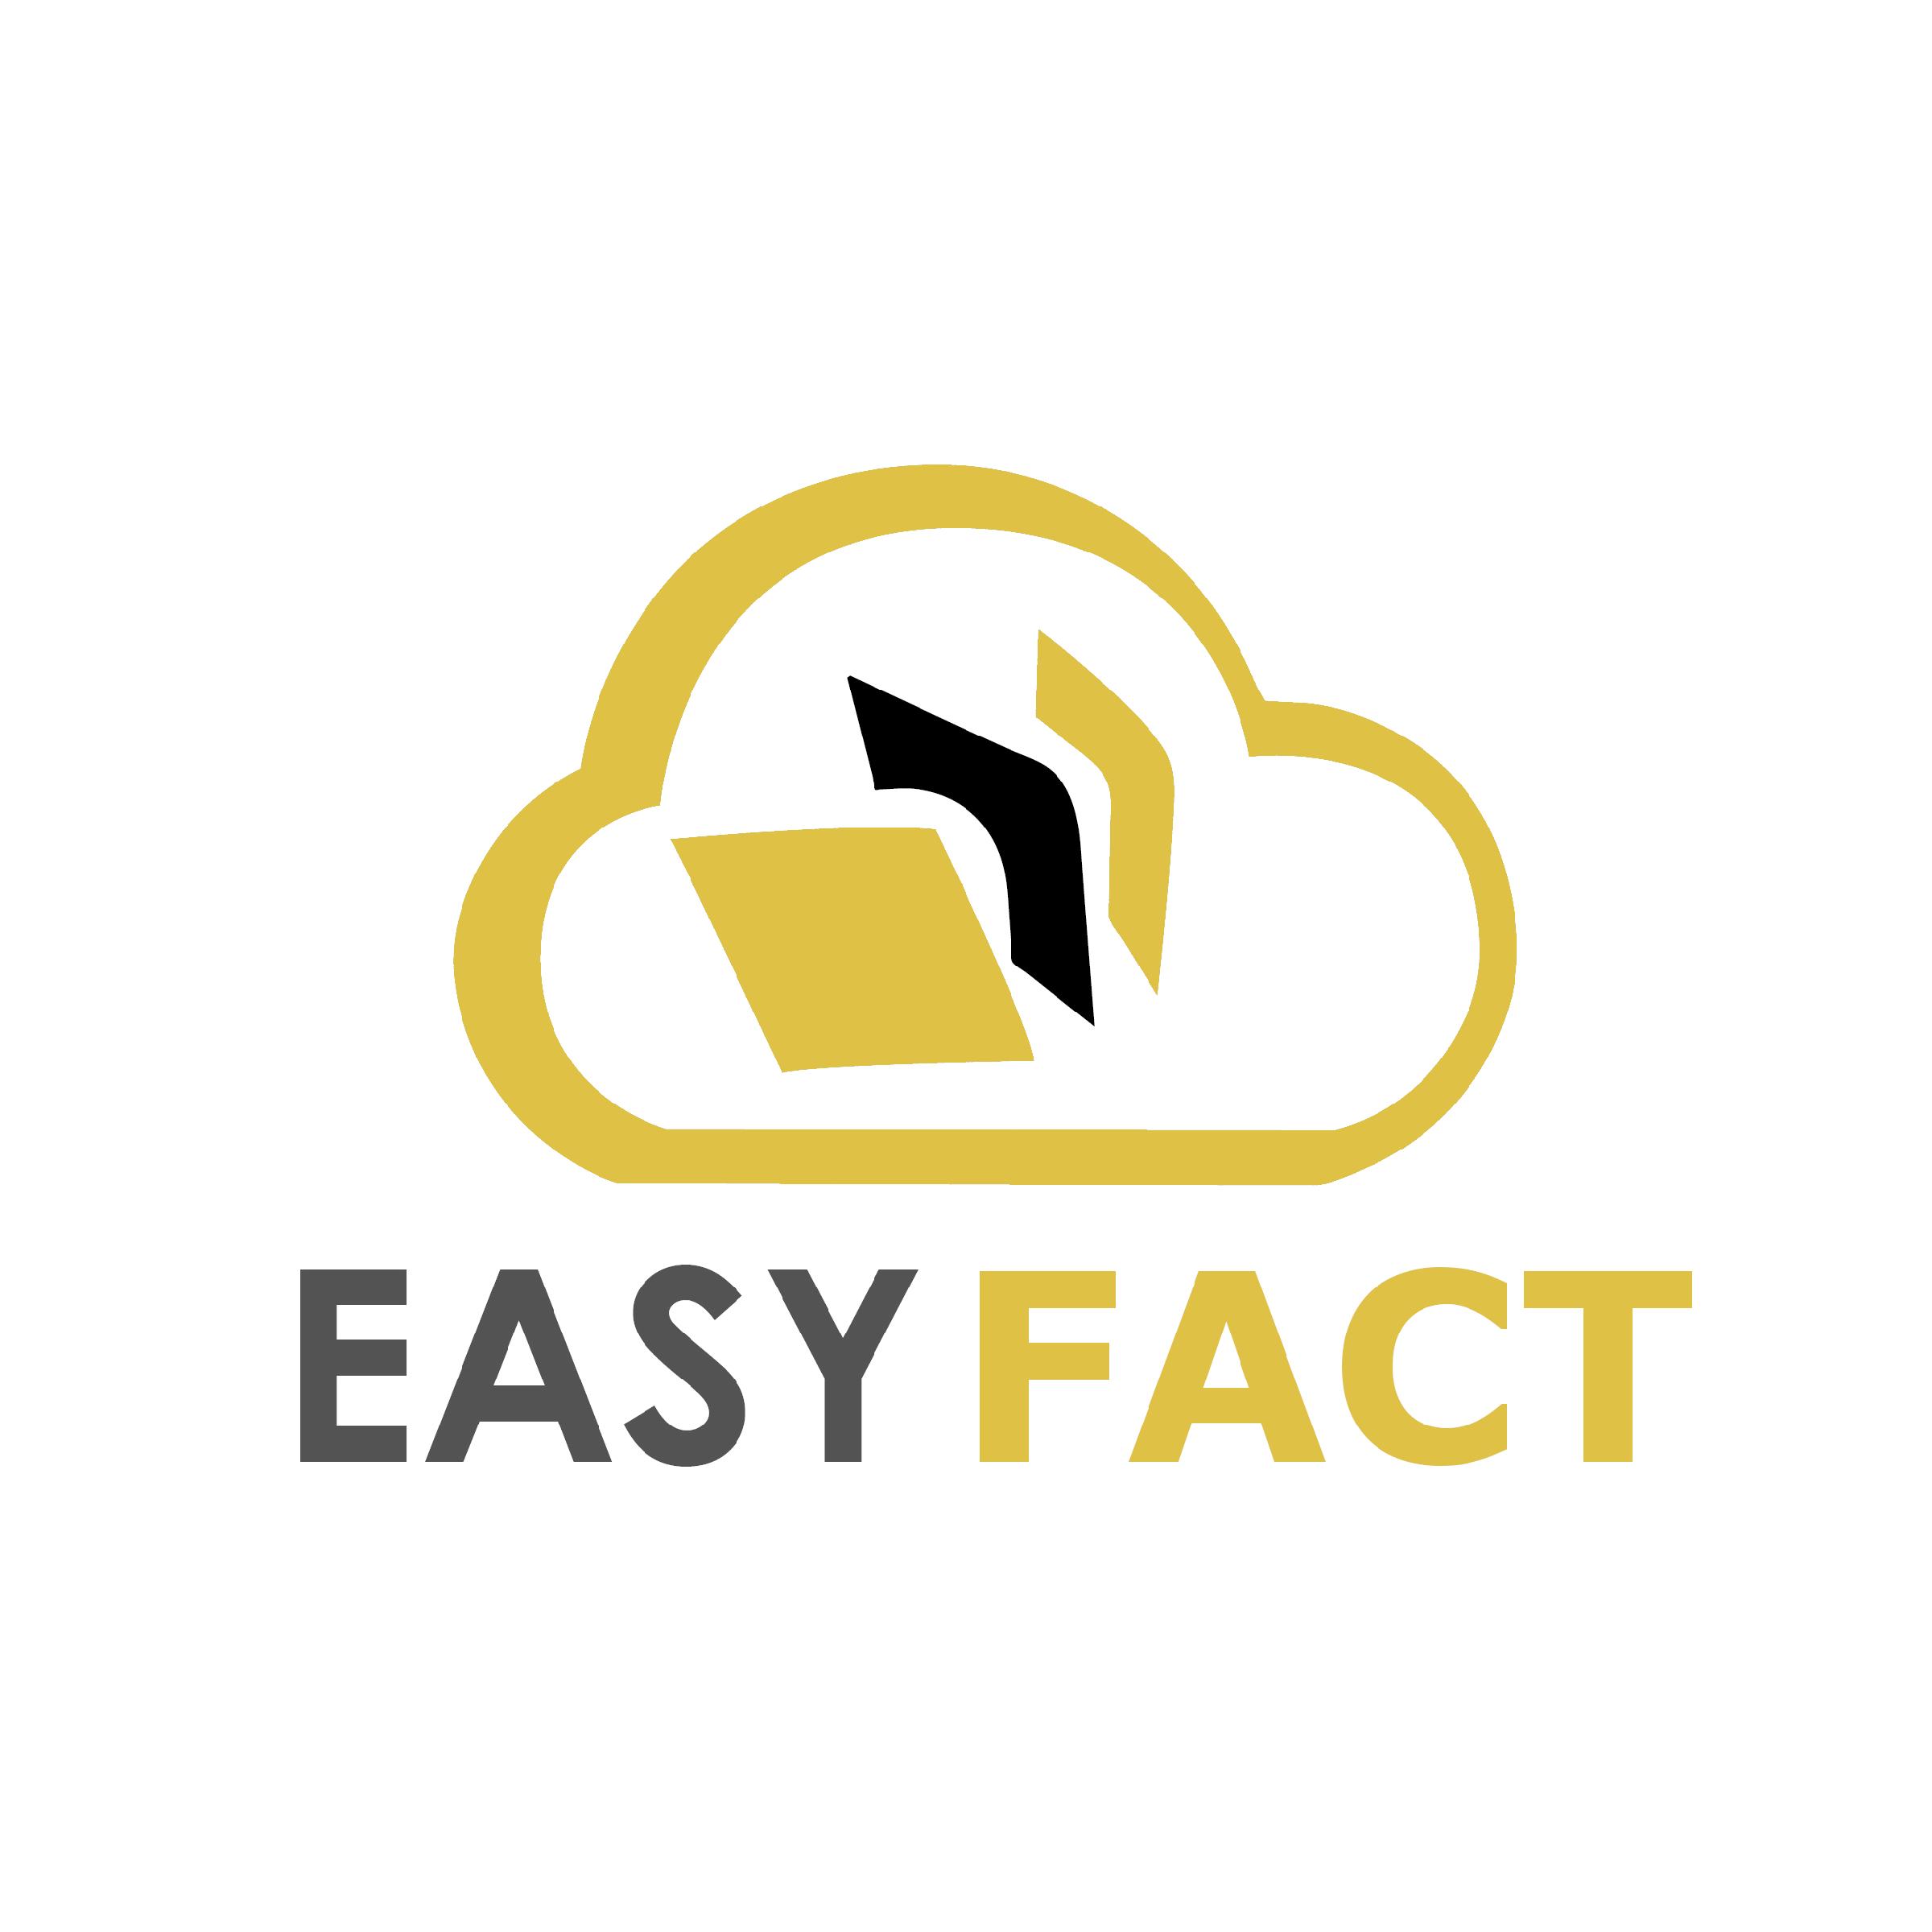 EasyFact